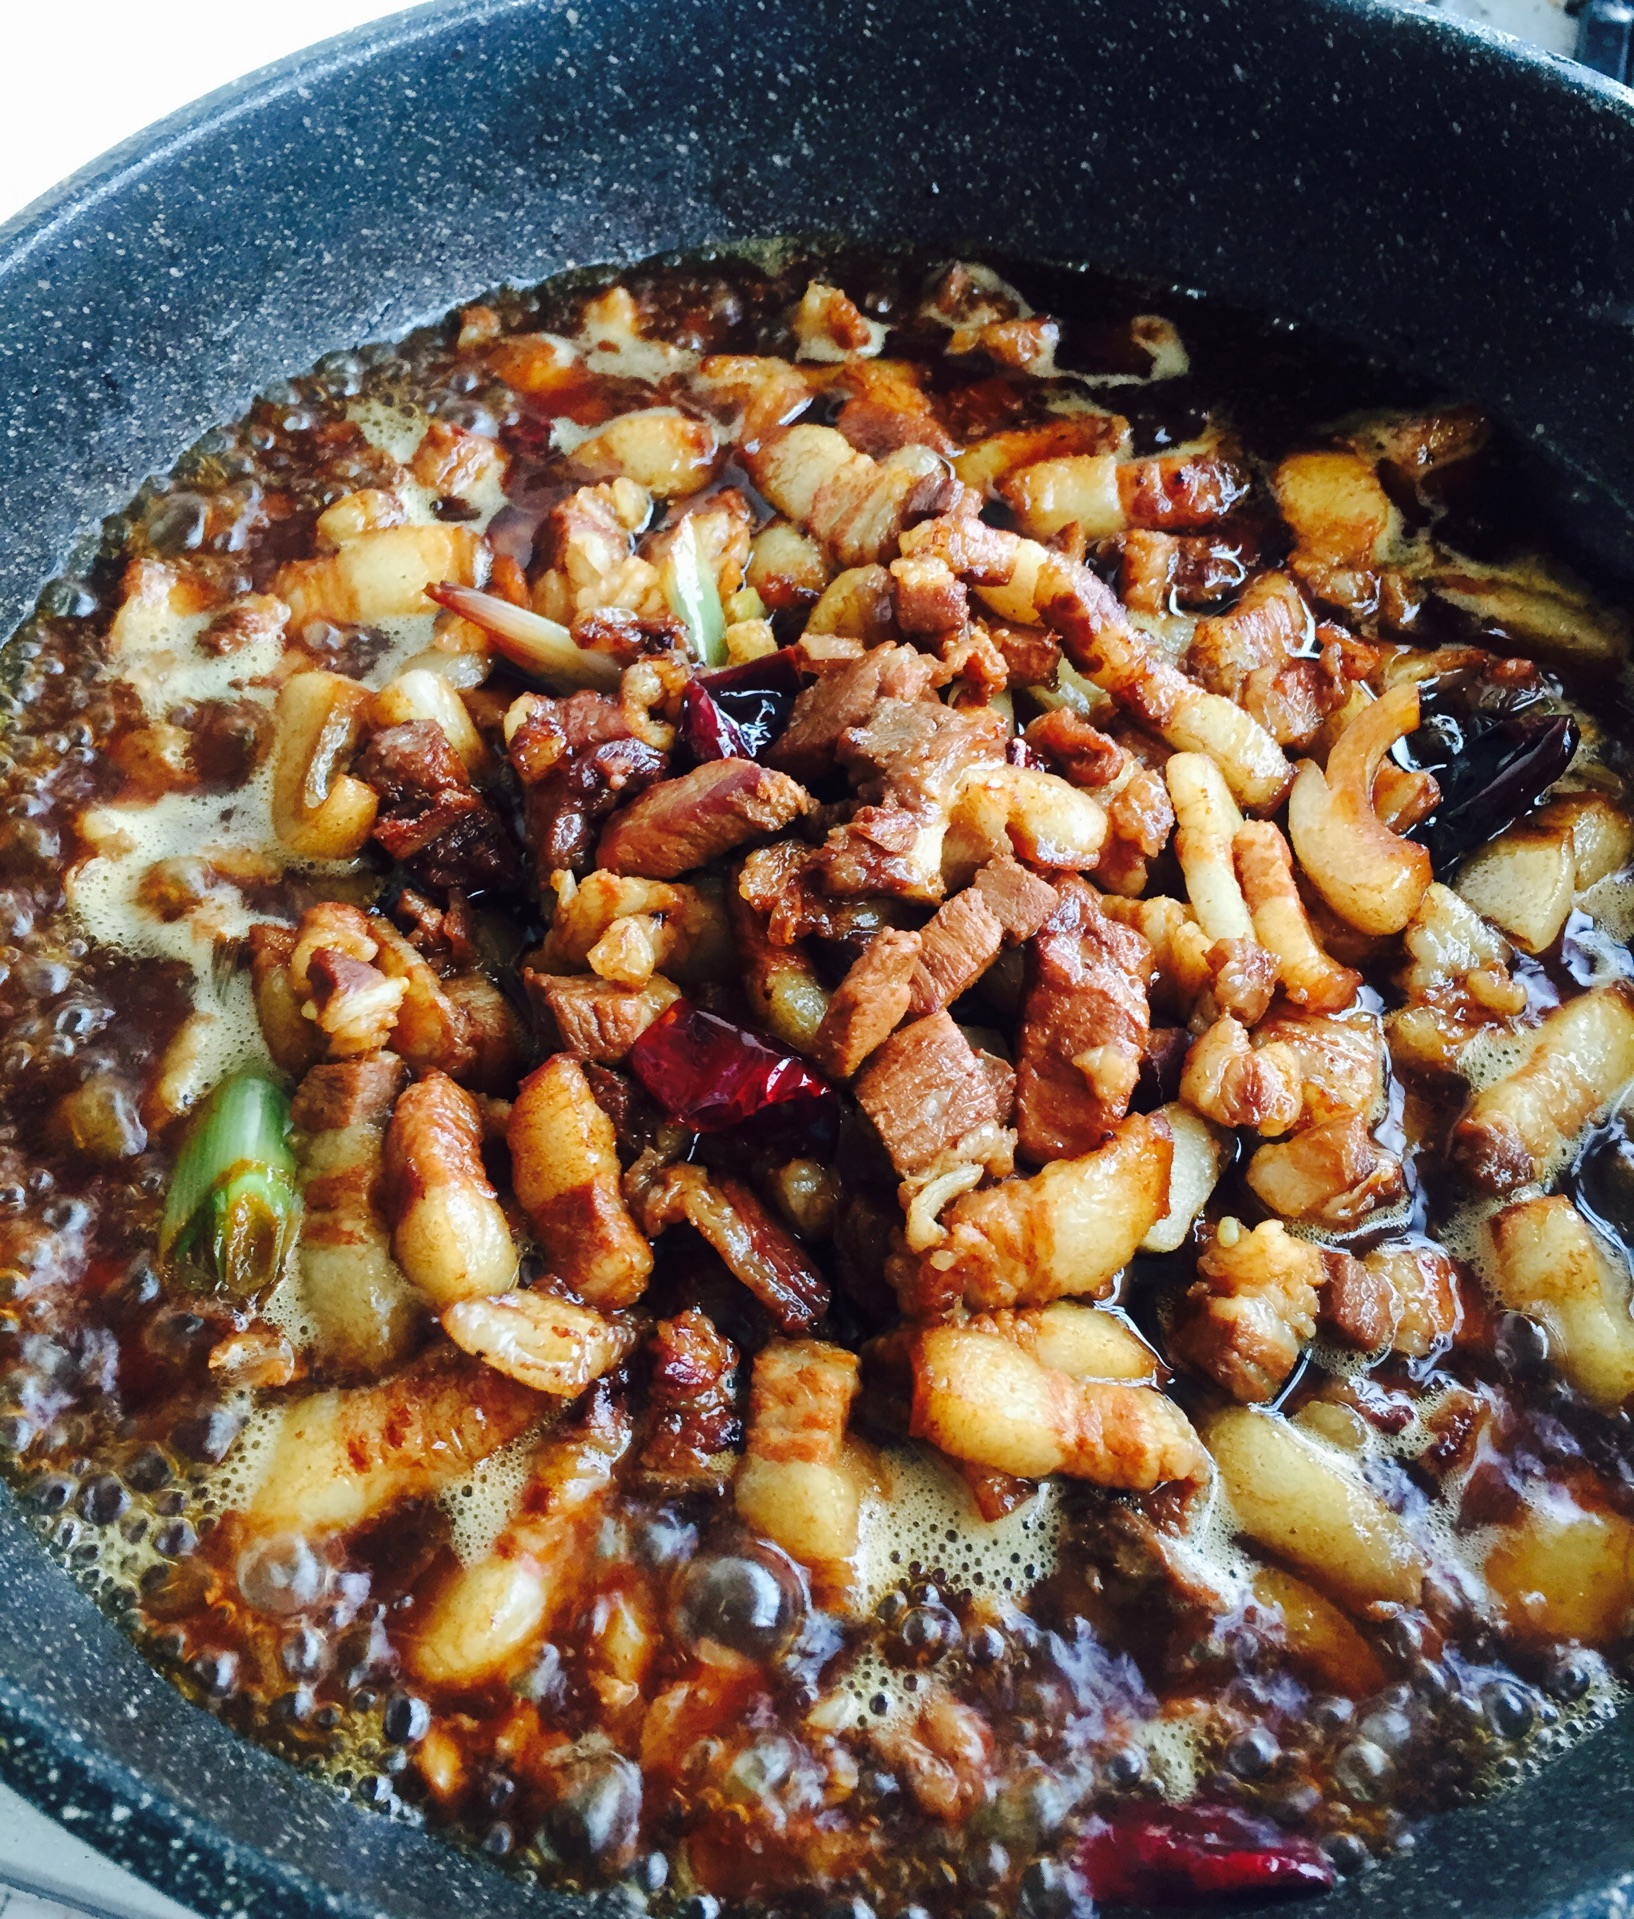 红烧鸡块的家常做法_东北家常红焖肉的做法_【图解】东北家常红焖肉怎么做如何做好 ...